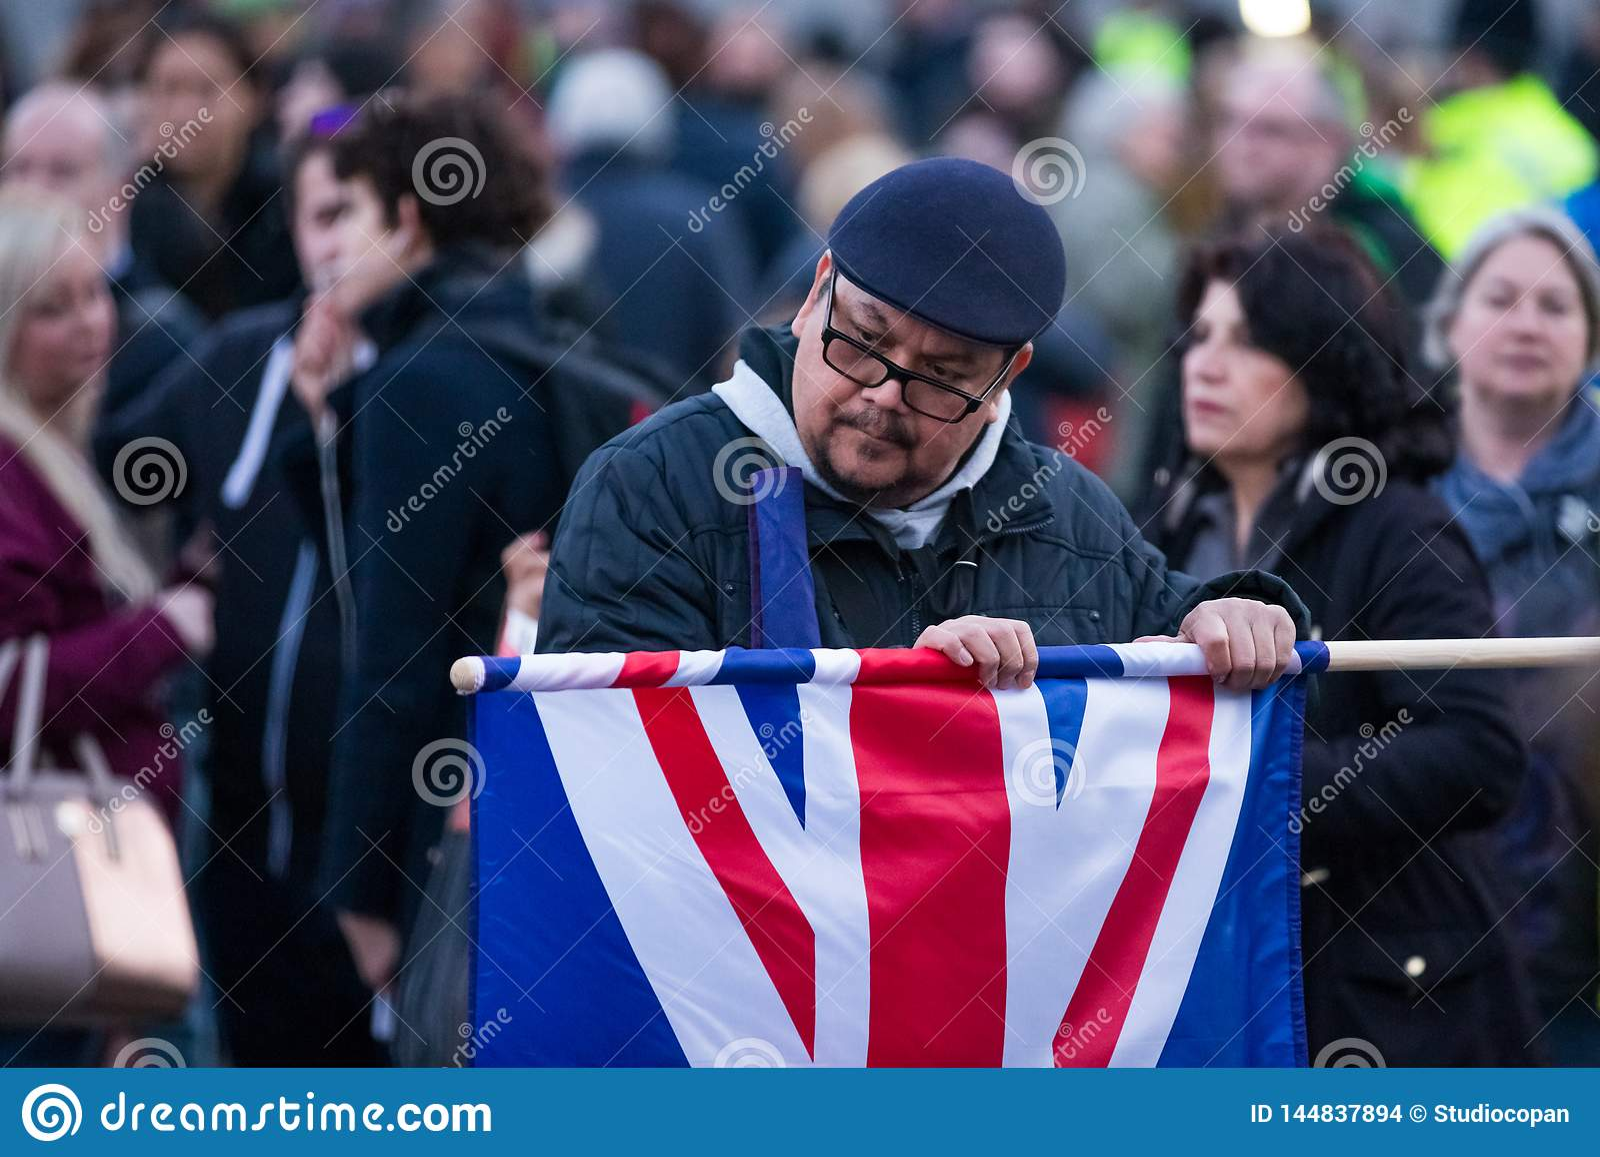 Άτομο που ξετυλίγει τη σημαία του Union Jack στο πλήθος πλατειών Τραφάλγκα